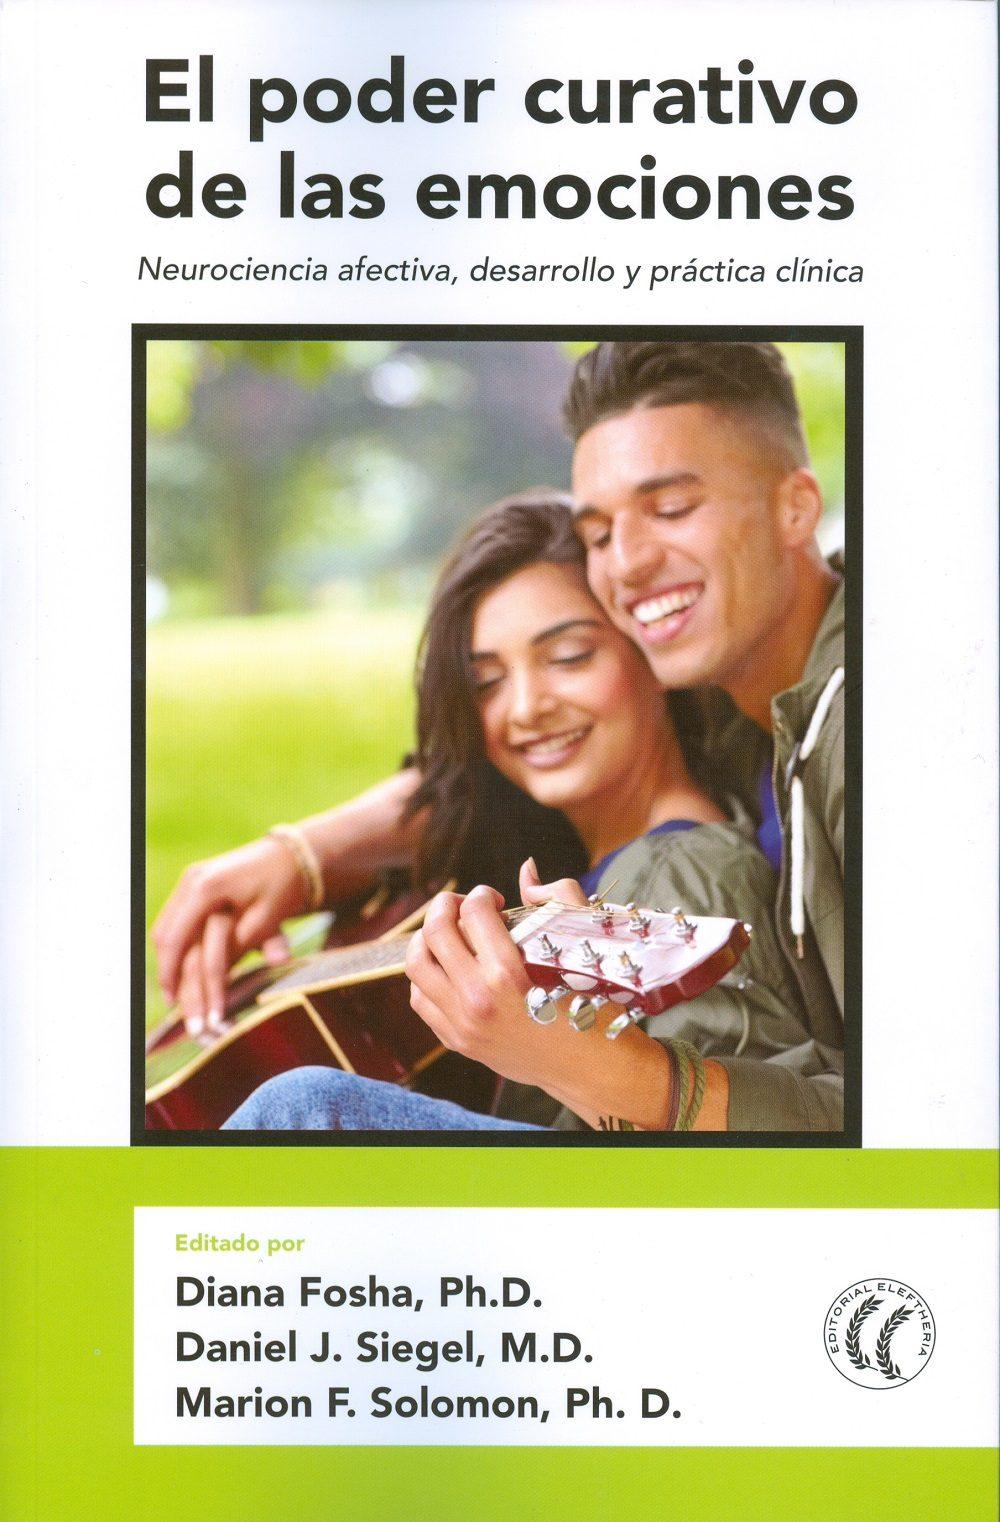 El poder curativo de las emociones. Neurociencia afectiva, desarrollo y práctica clínica.